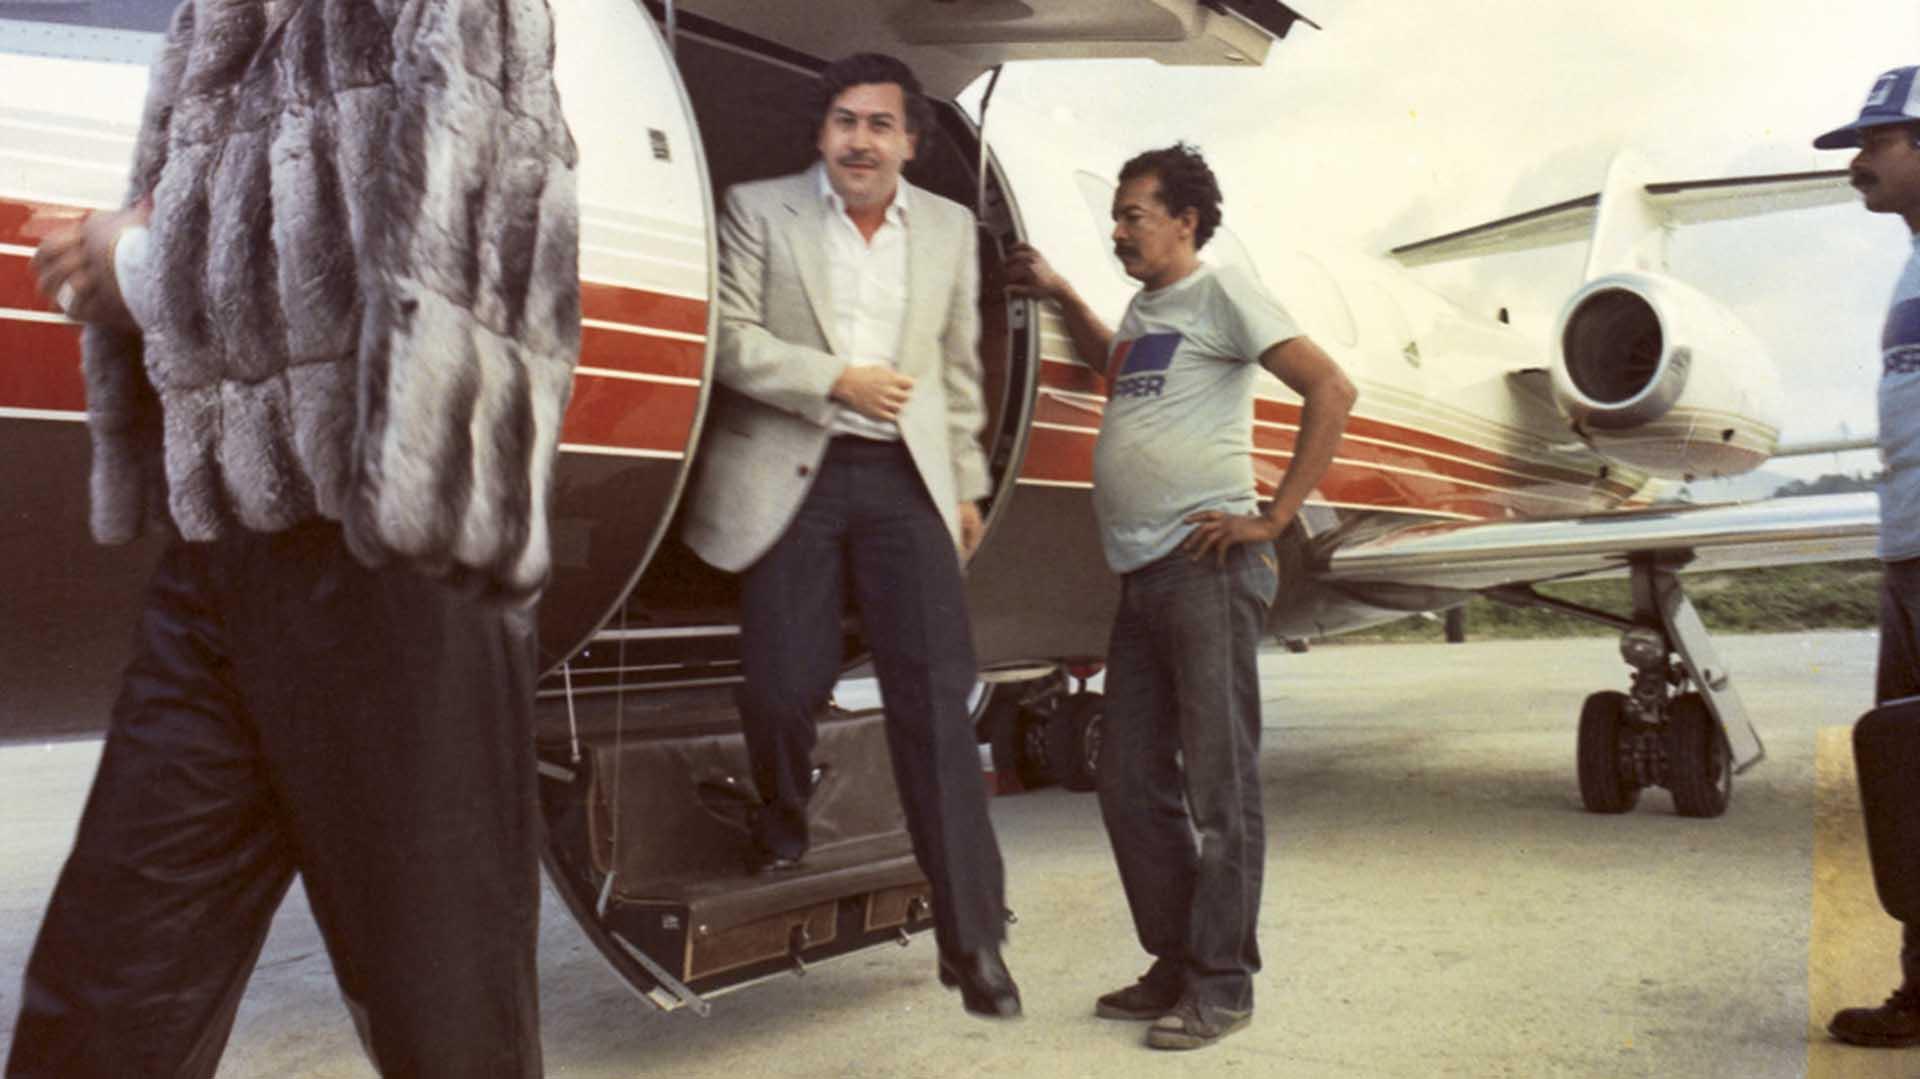 """Pablo Emilio Escobar Gaviria, en su época de """"gloria"""". Pronto llegaría la era de la guerra contra el gobierno central y los demás carteles, entre los que estaba el de Cali"""